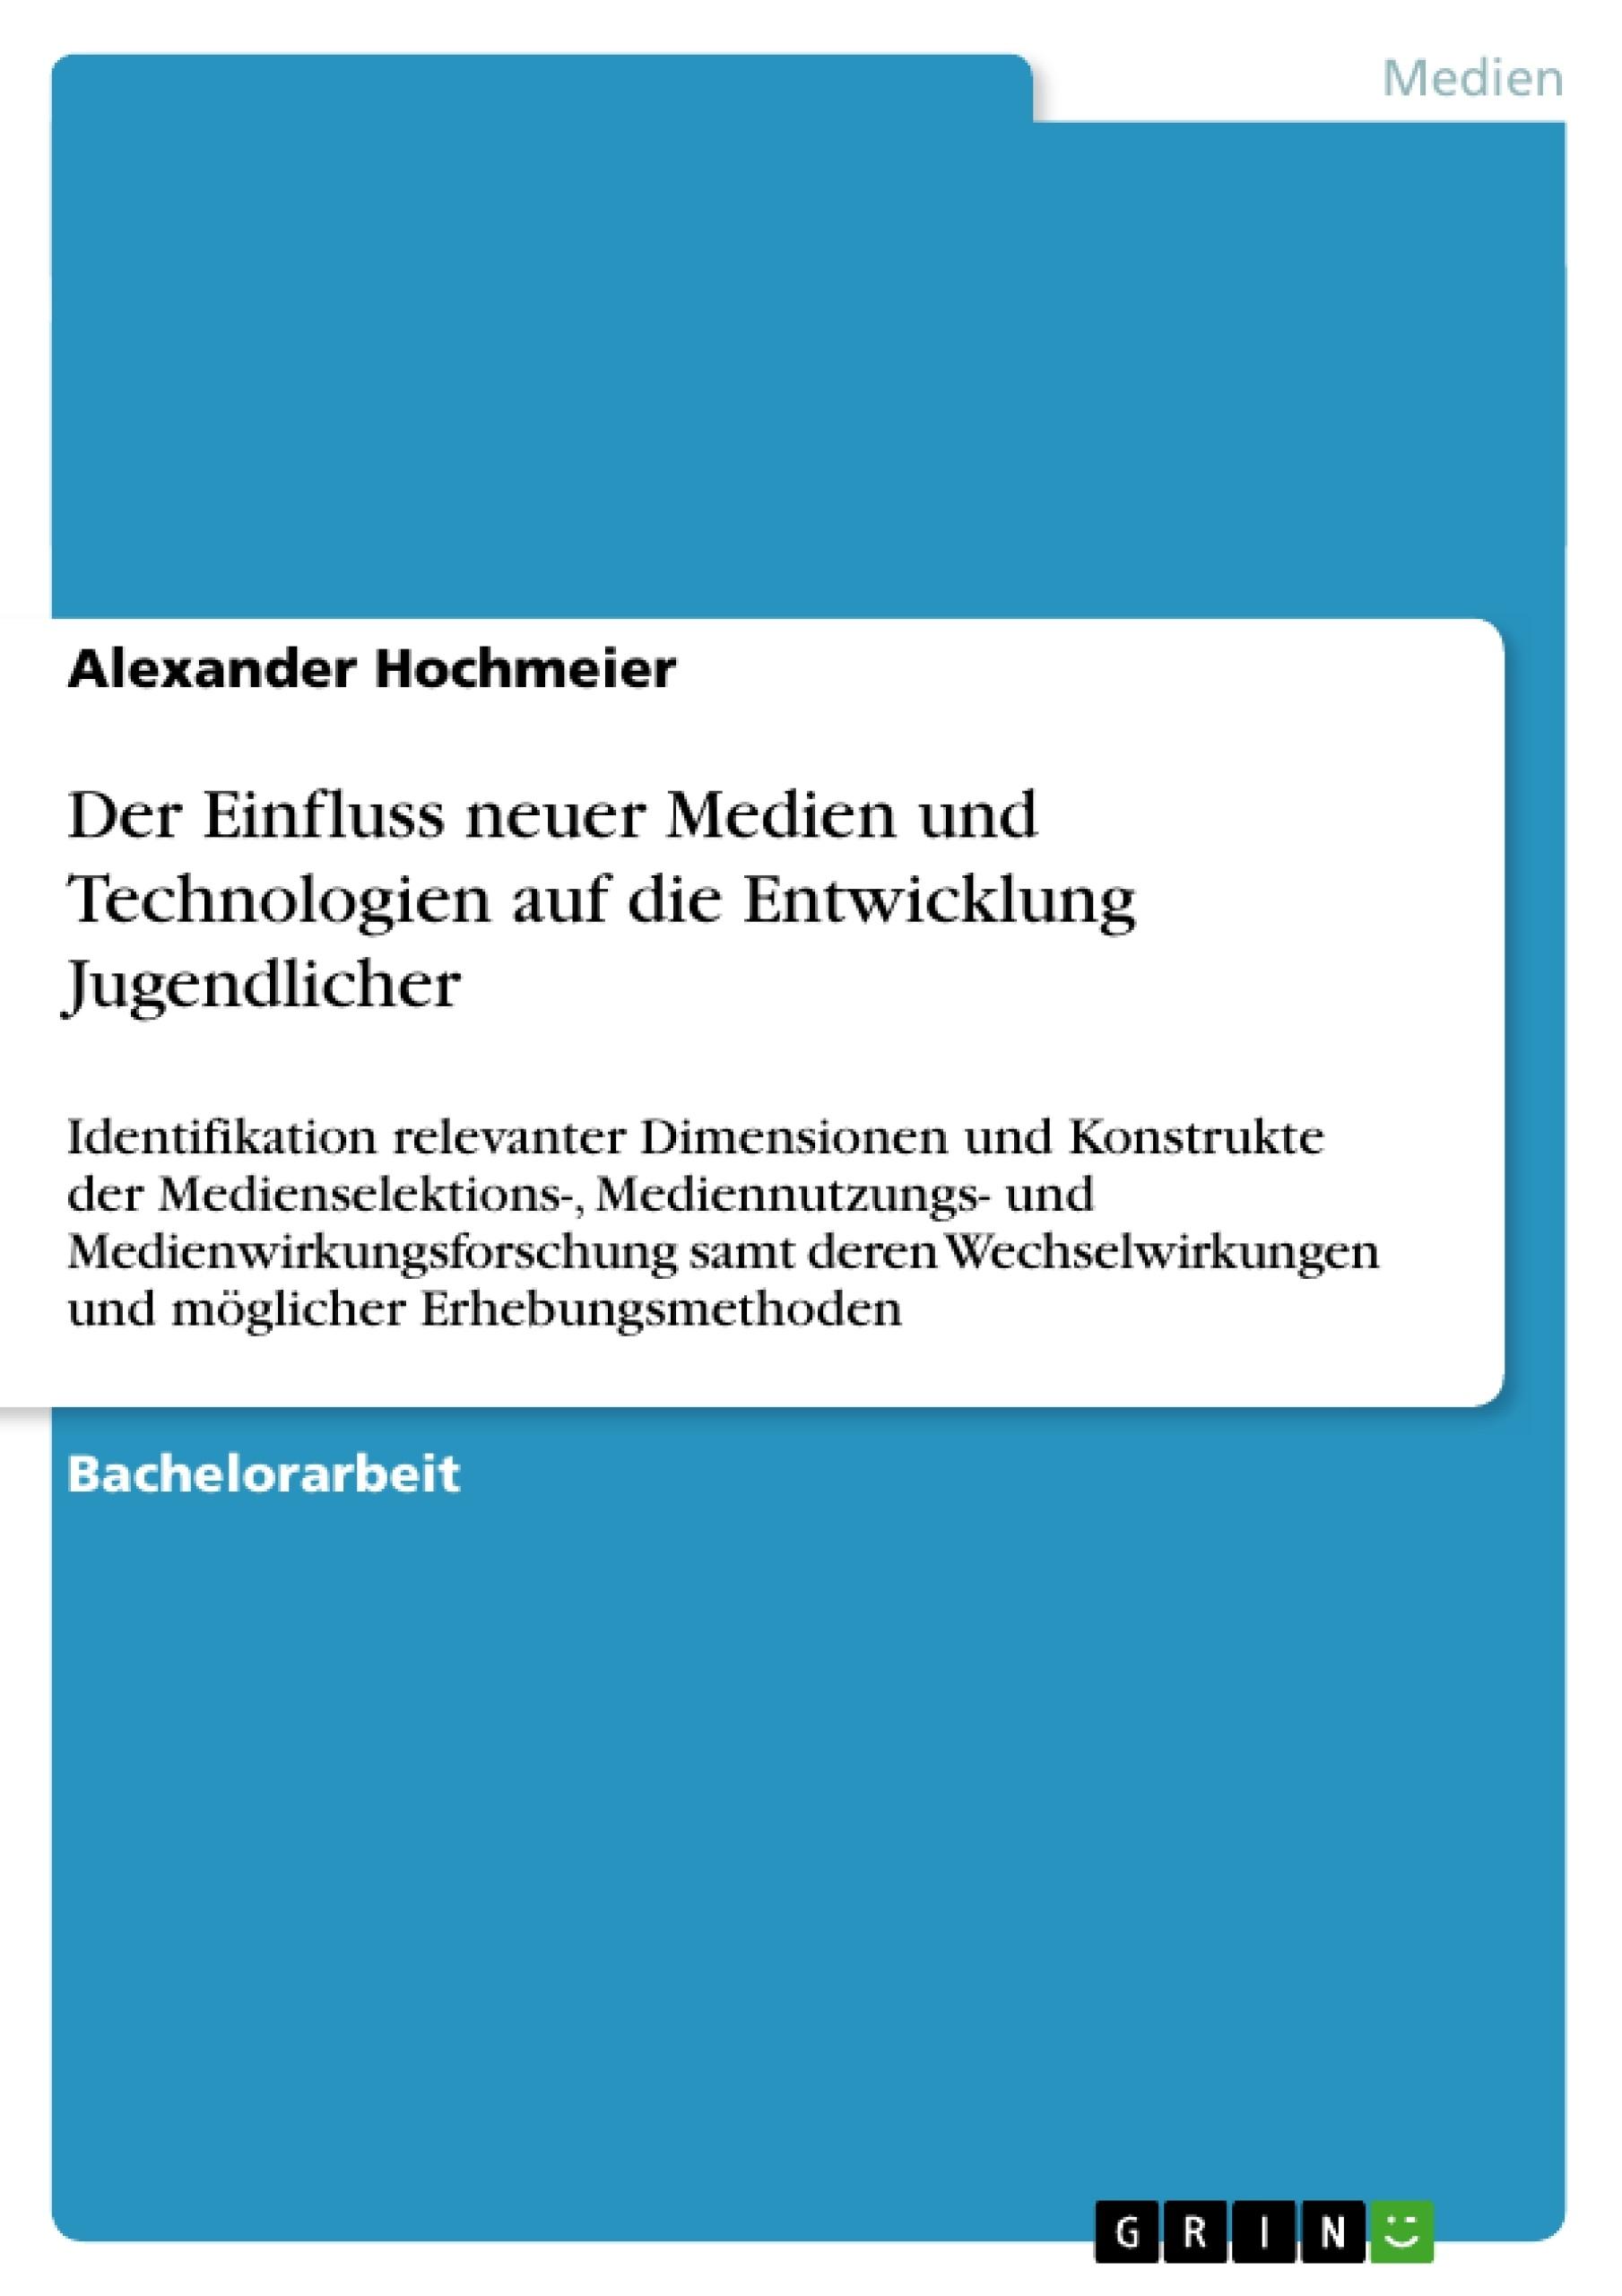 Titel: Der Einfluss neuer Medien und Technologien auf die Entwicklung Jugendlicher